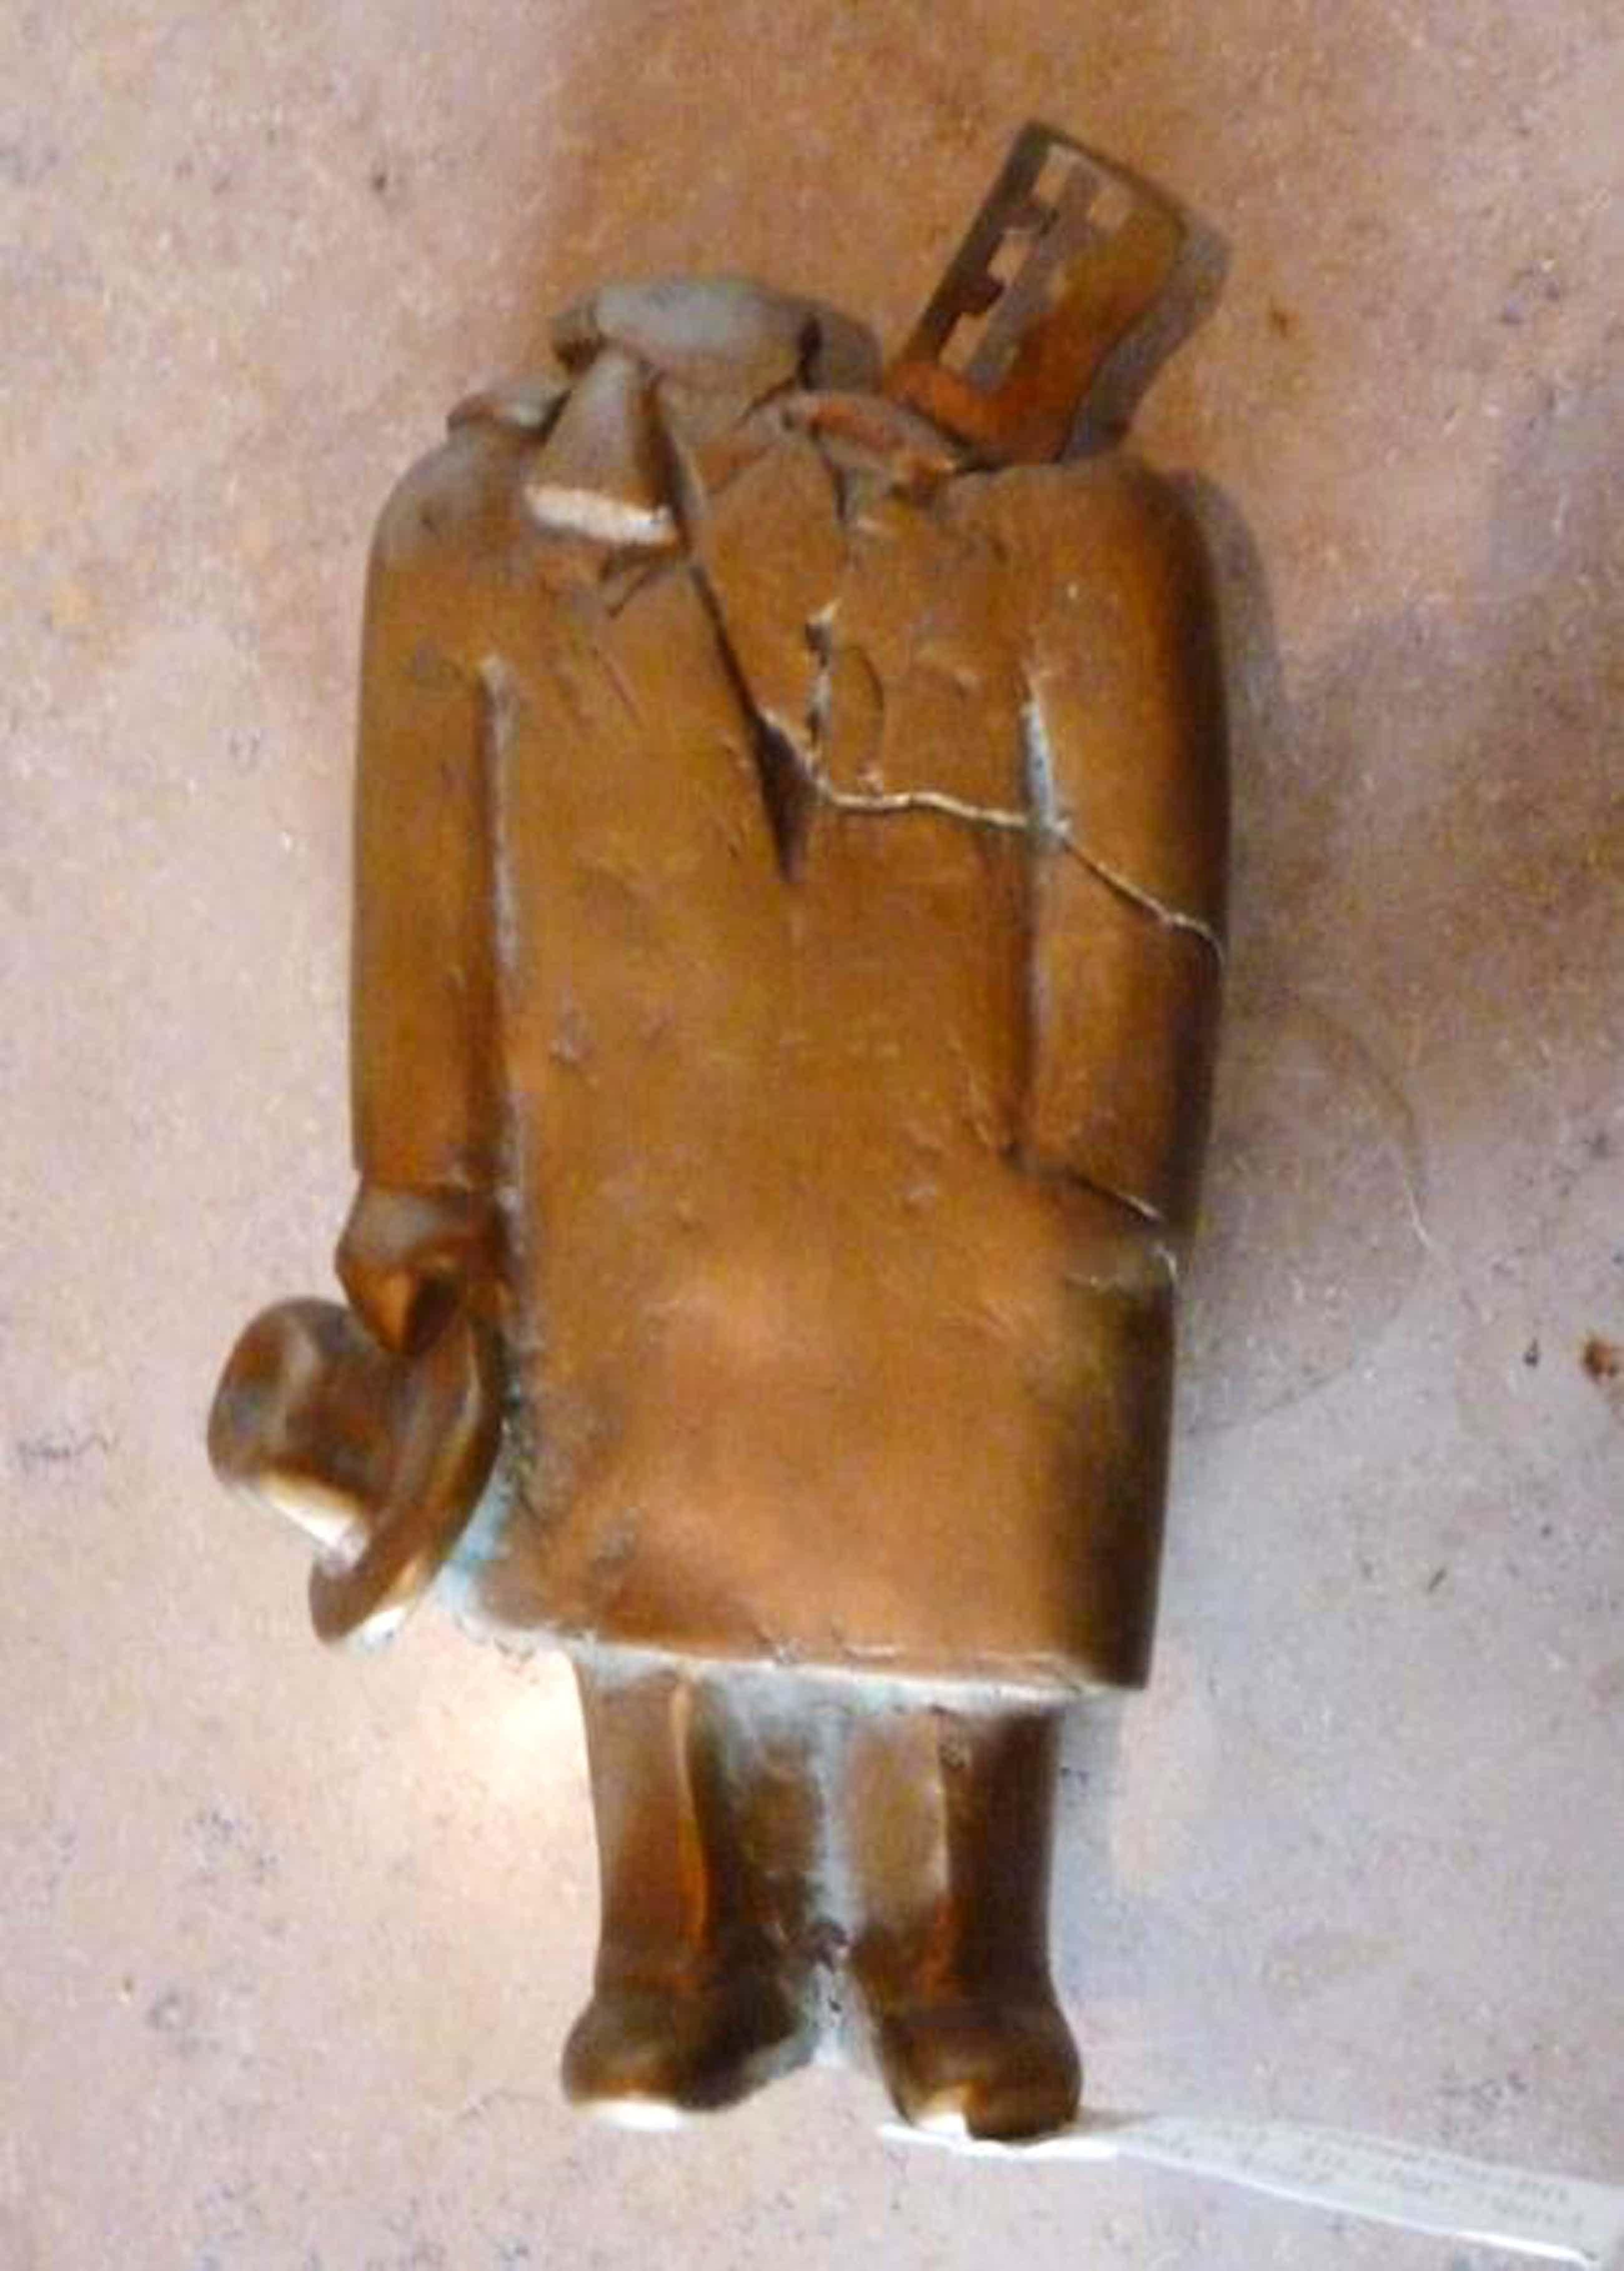 Siegfried Neuenhausen - Mann, Hut in der Hand haltend, Bronze, 1987 kopen? Bied vanaf 600!